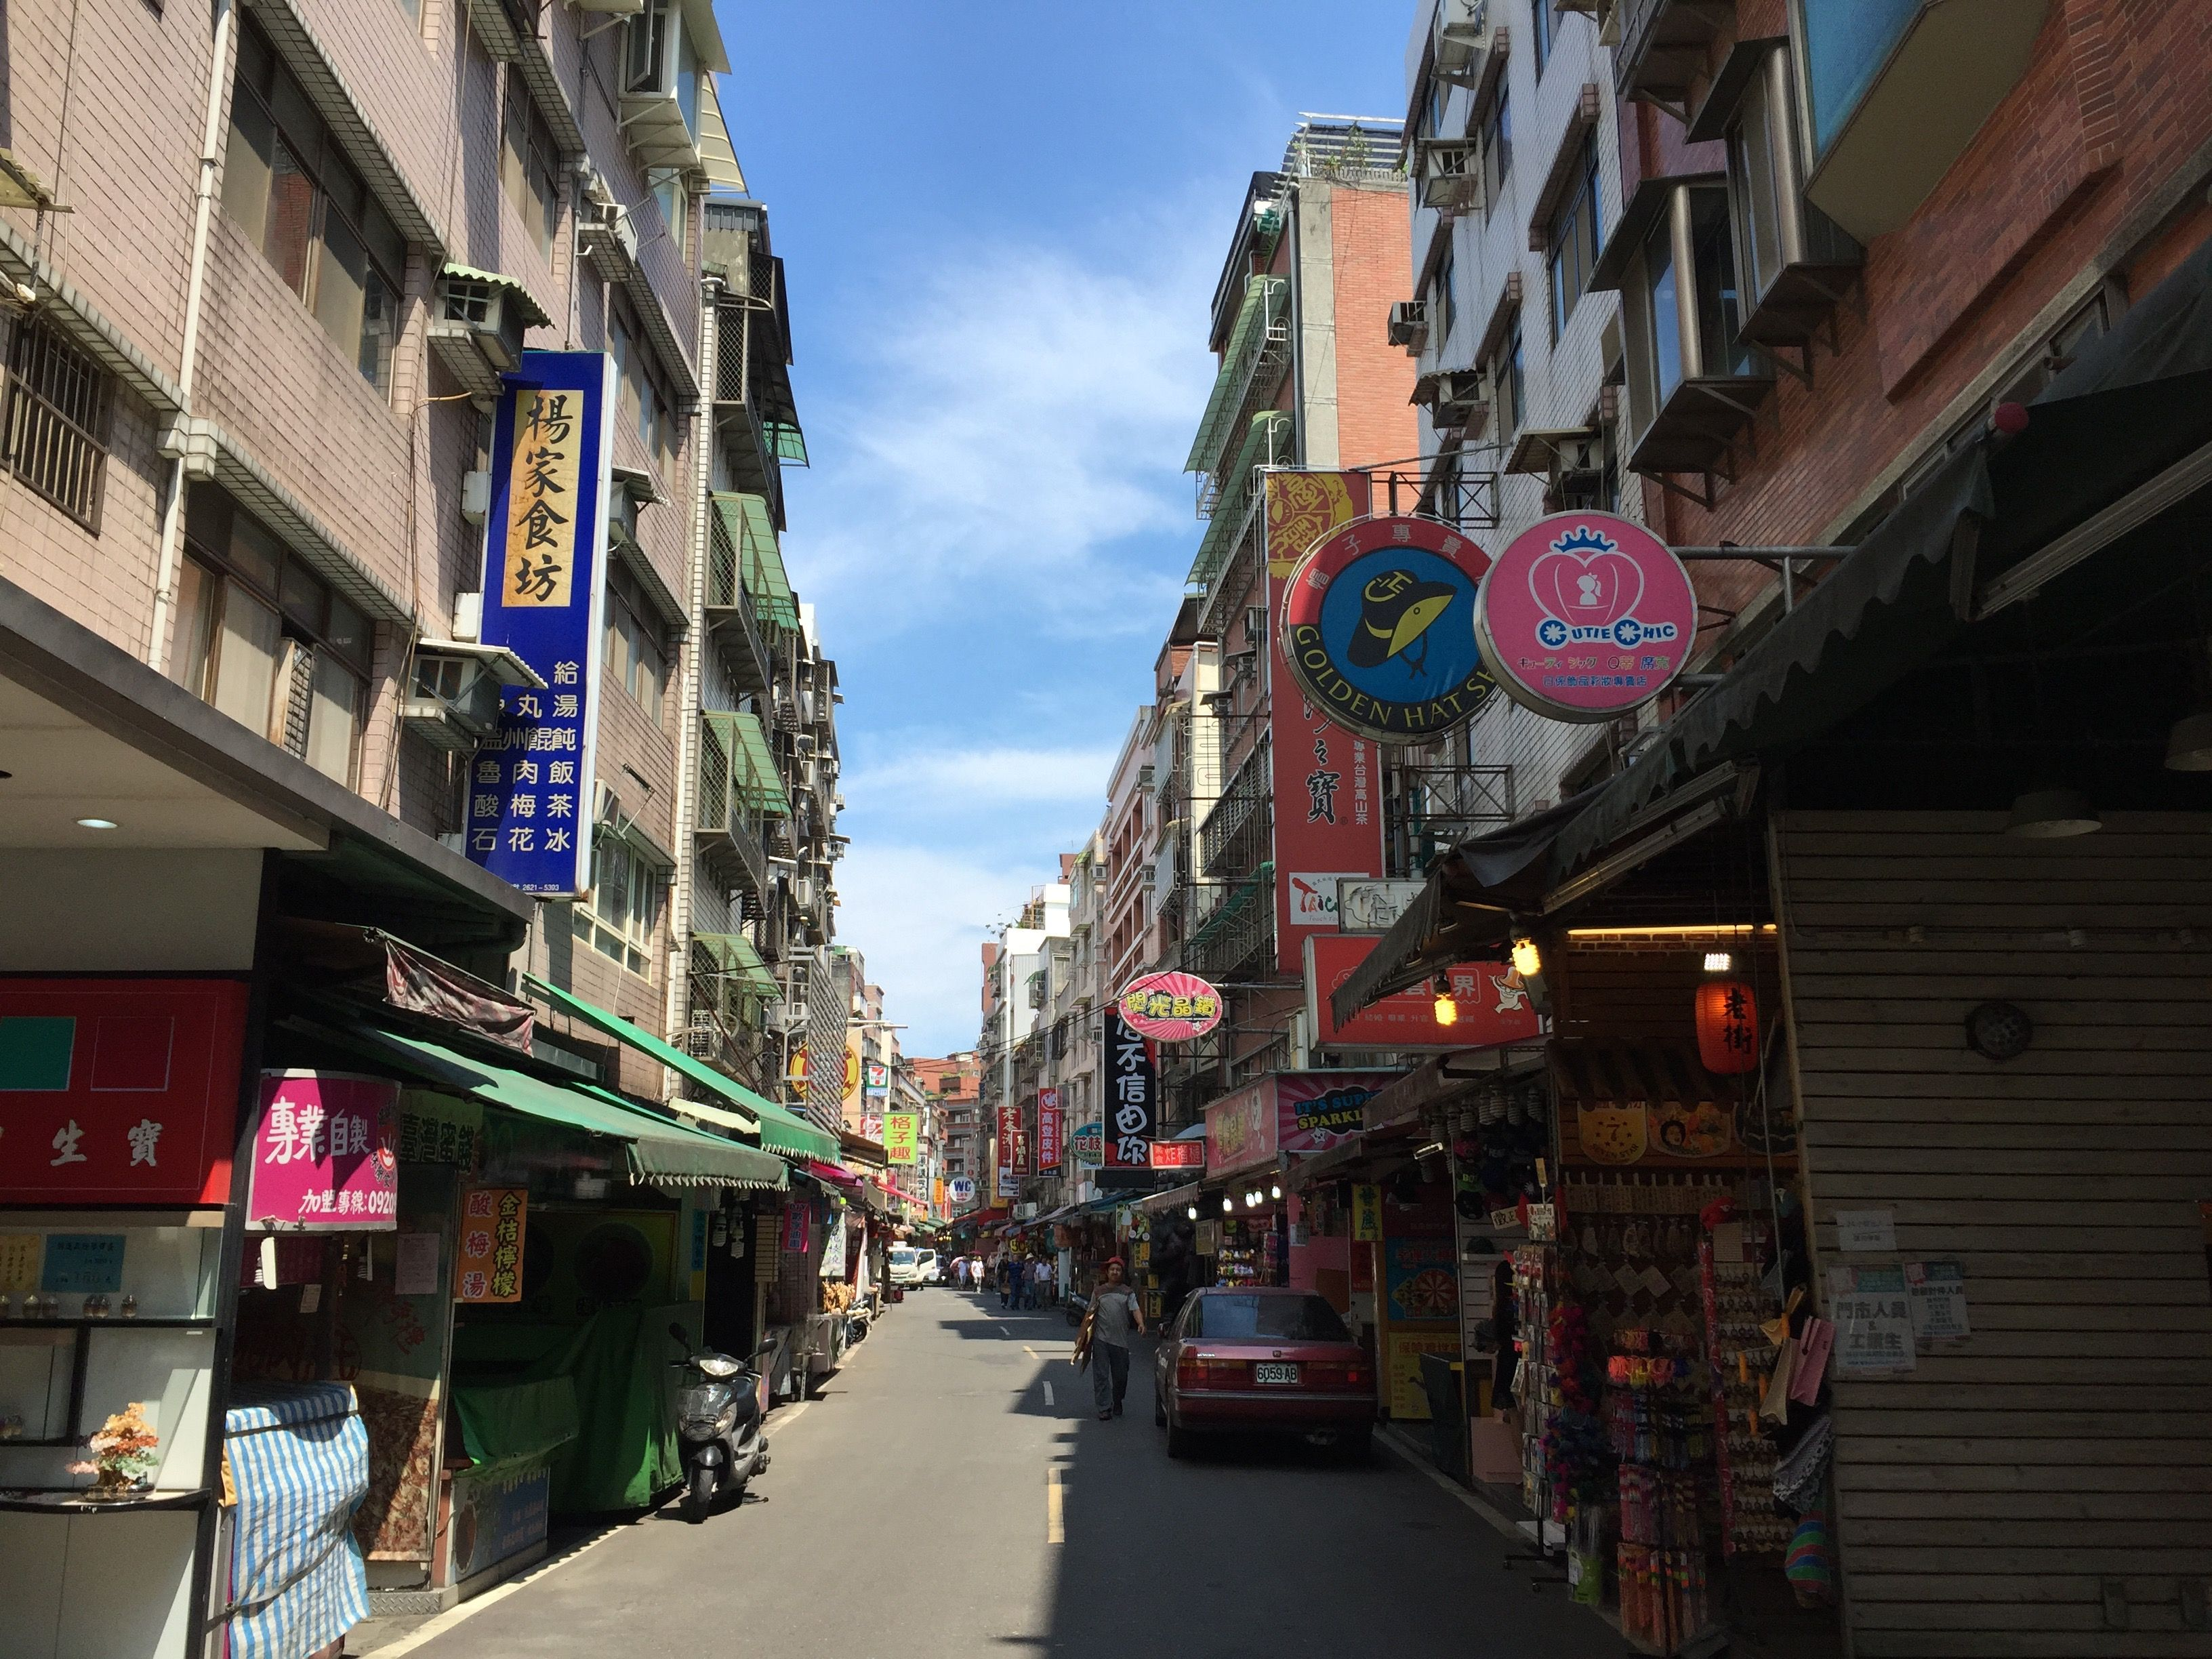 淡水老街 Danshui Old Street in 臺灣省, 臺灣省